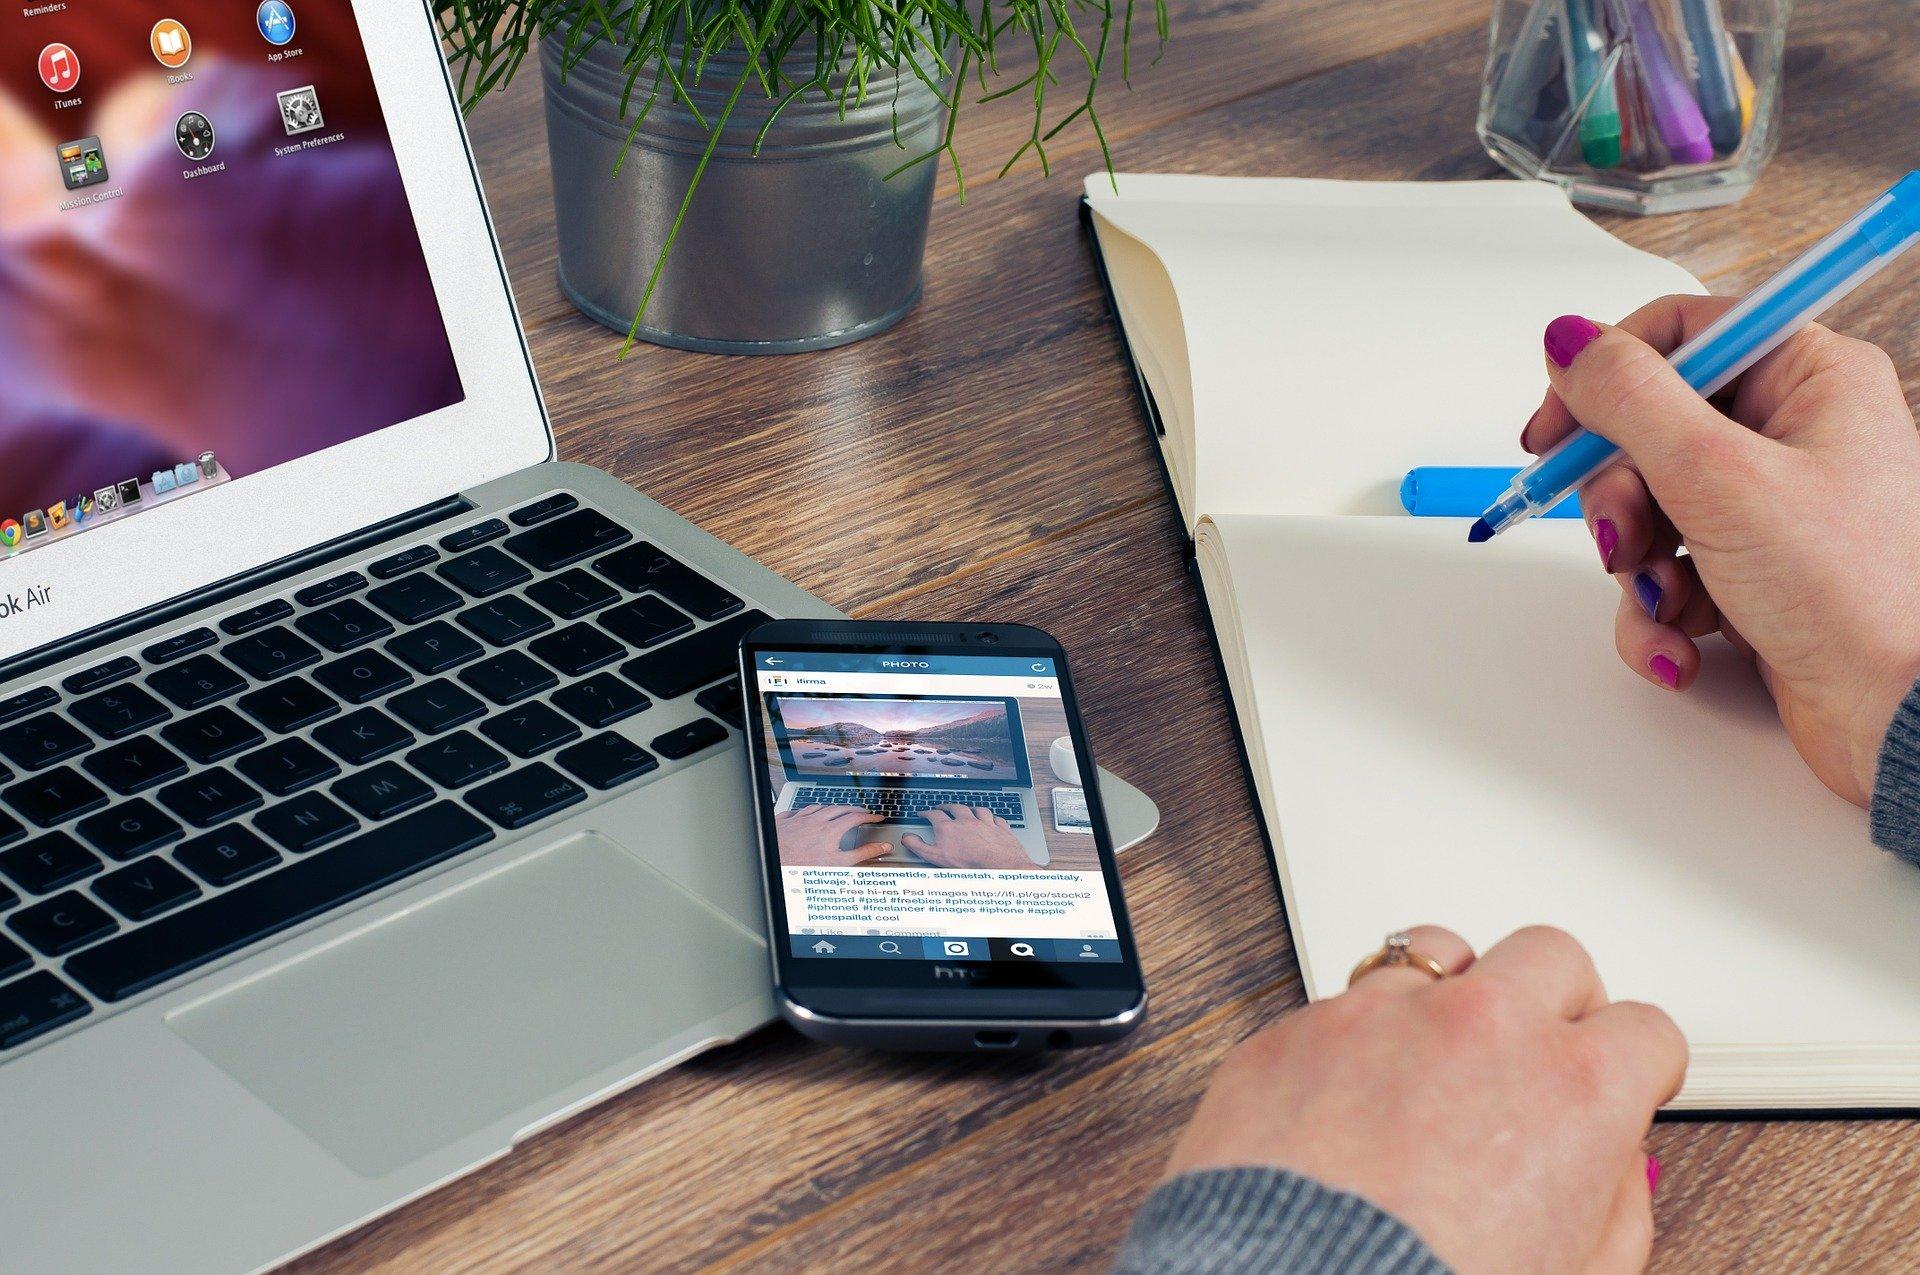 Un hombre escribiendo en una hoja la razón social de un autónomo con un móvil y un ordenador al lado